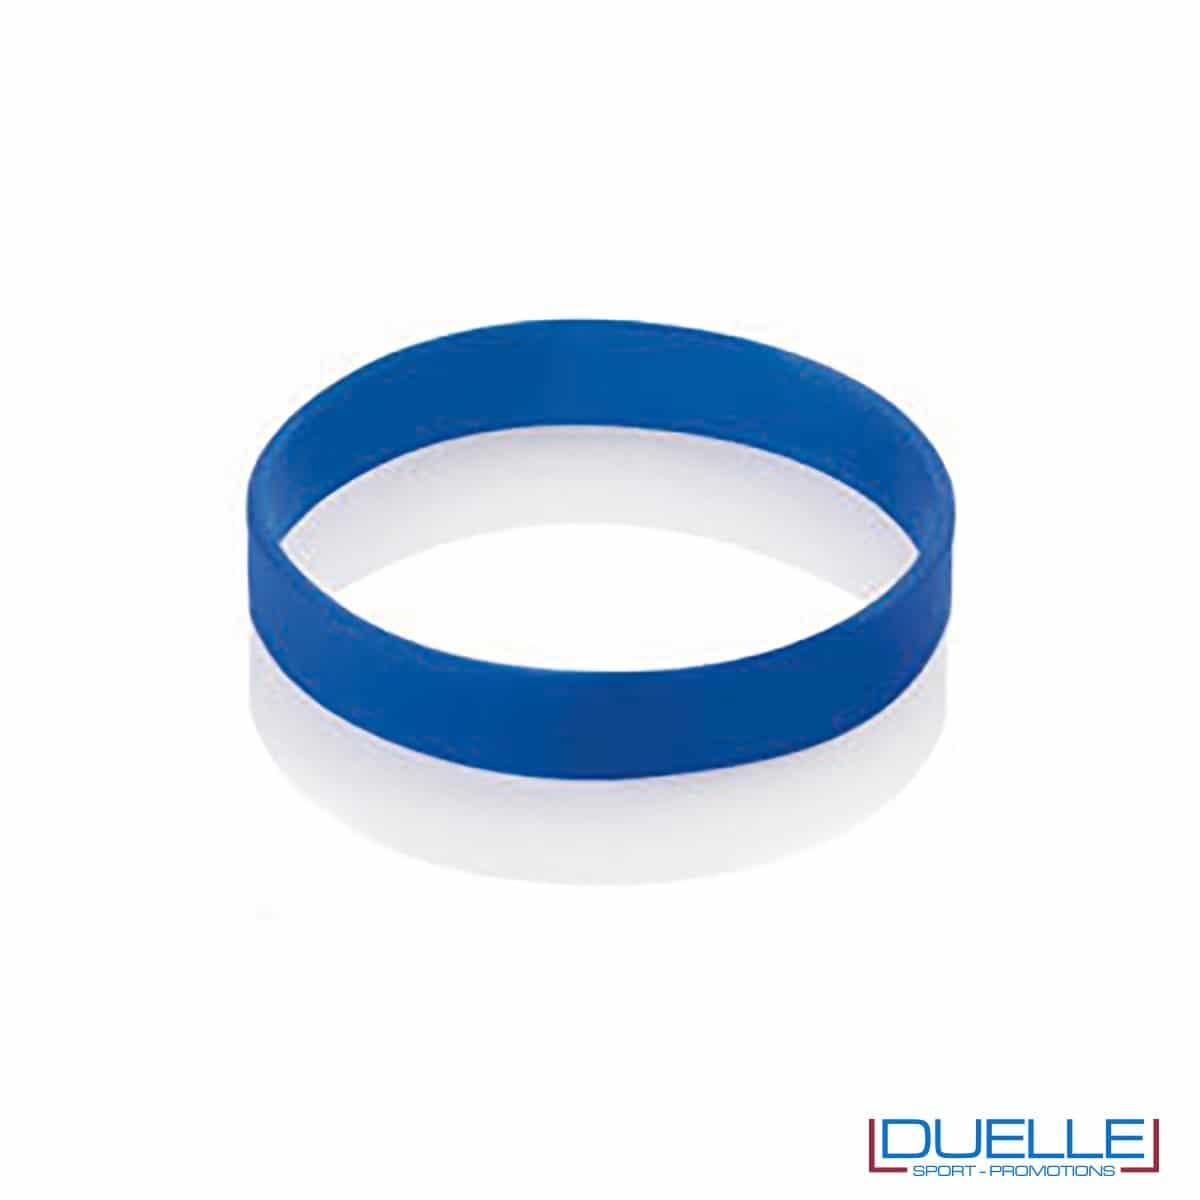 bracciale in silicone personalizzato blu Europei 2016, gadget estate sport, gadget Europei 2016, gadget tifo